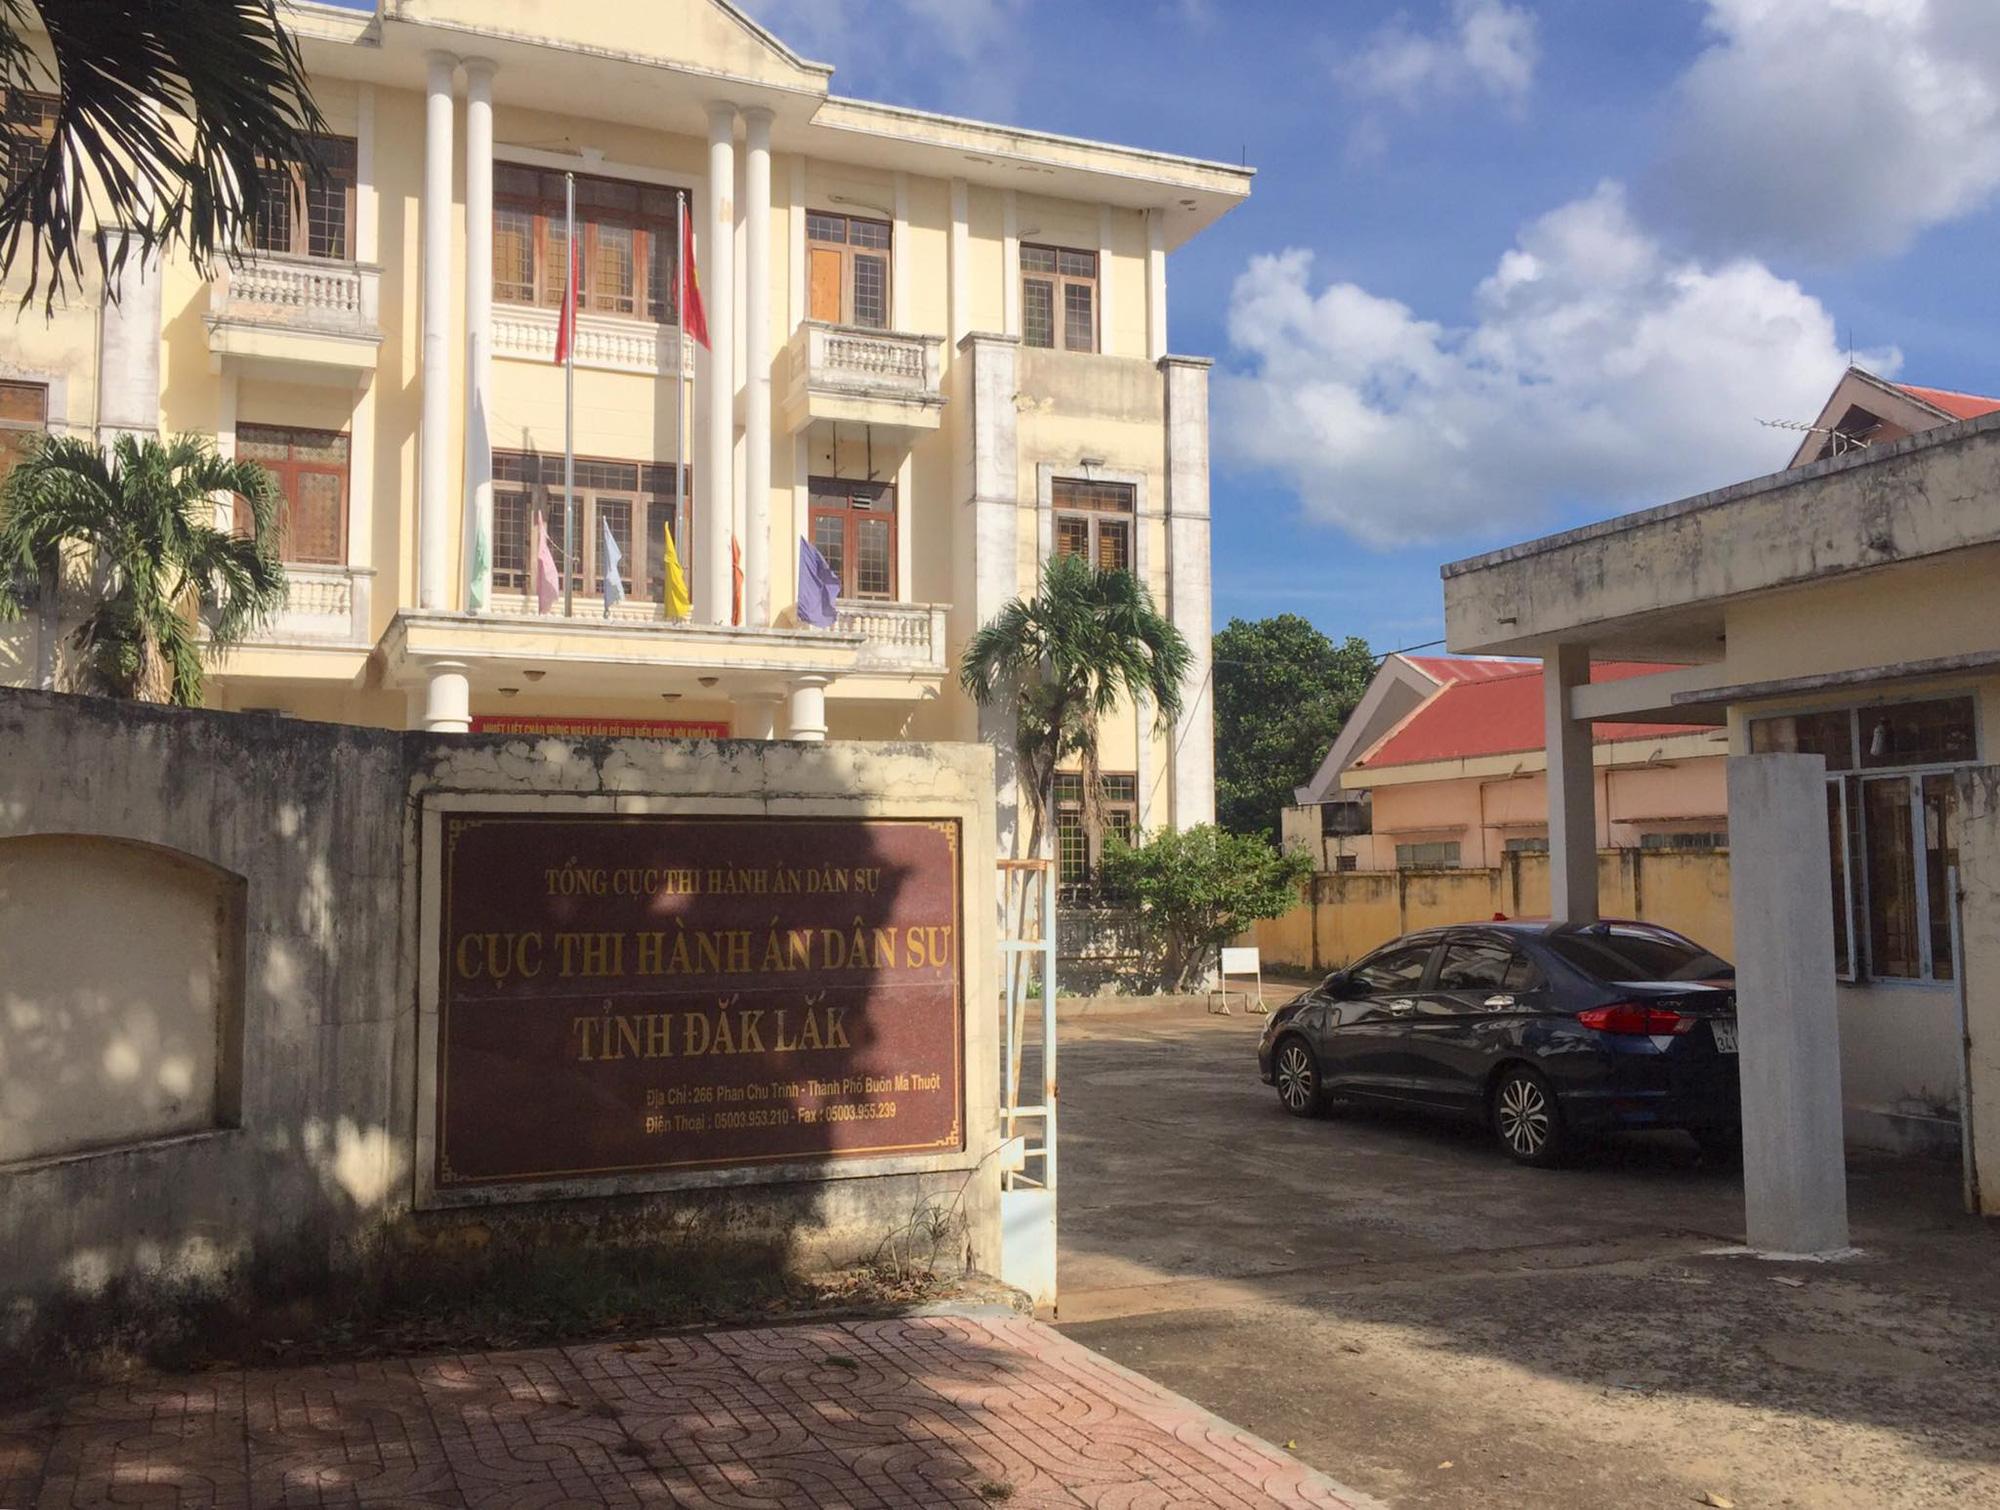 Chậm khắc phục sai phạm, Cục Thi hành án dân sự tỉnh Đắk Lắk tiếp tục bị tố cáo  - Ảnh 1.